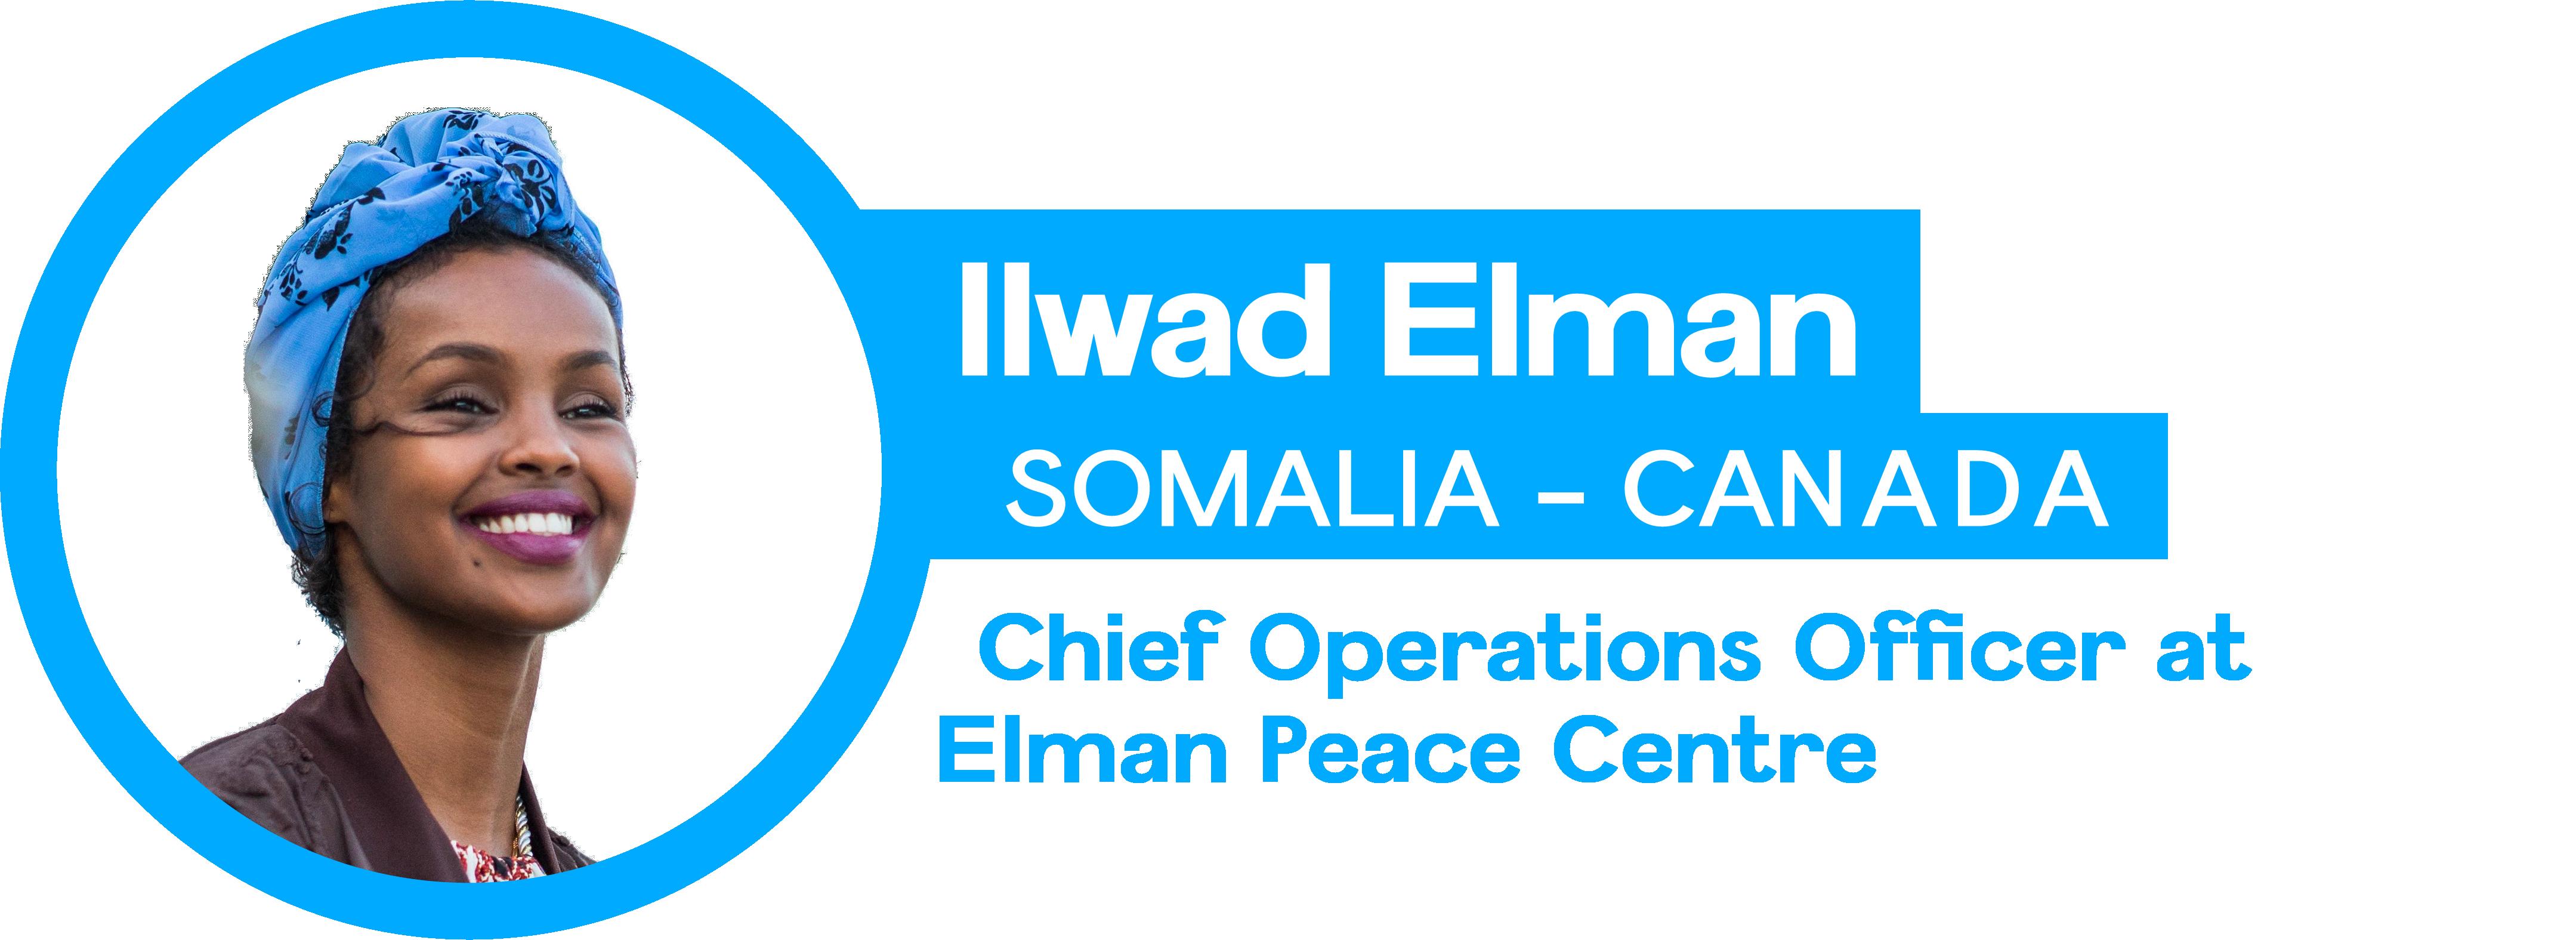 Ilwad Elman